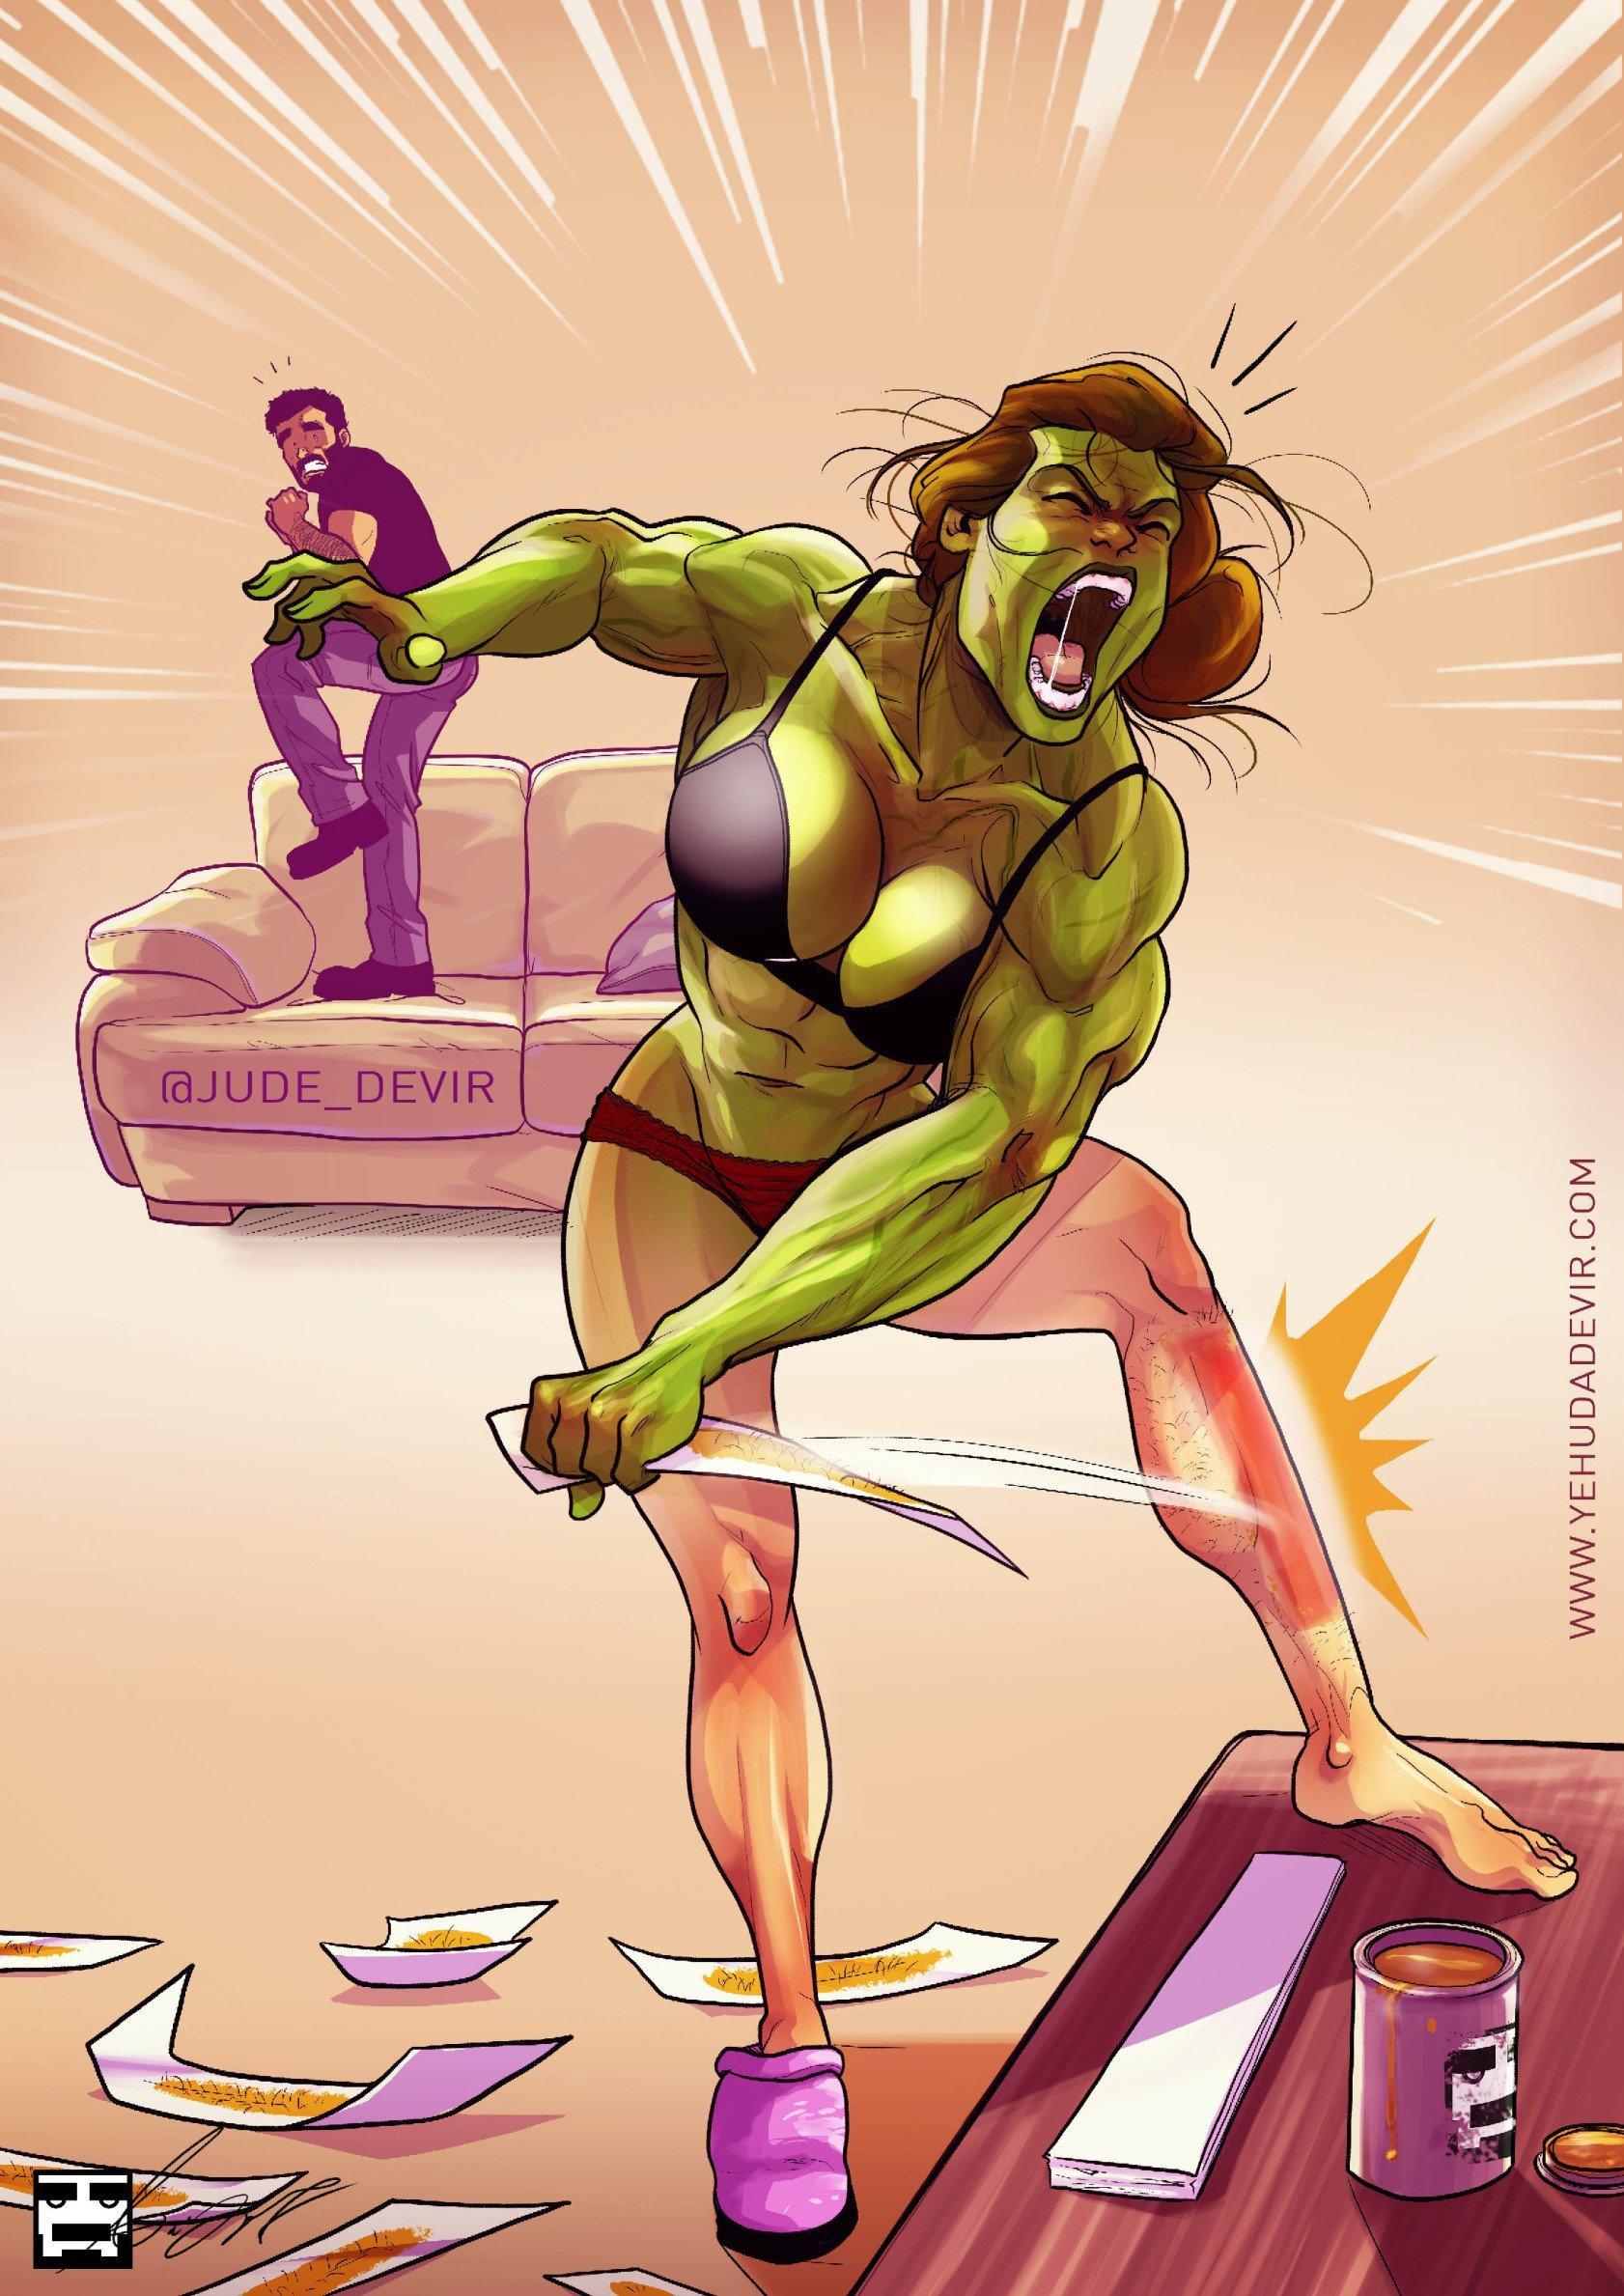 yehuda devir hulk